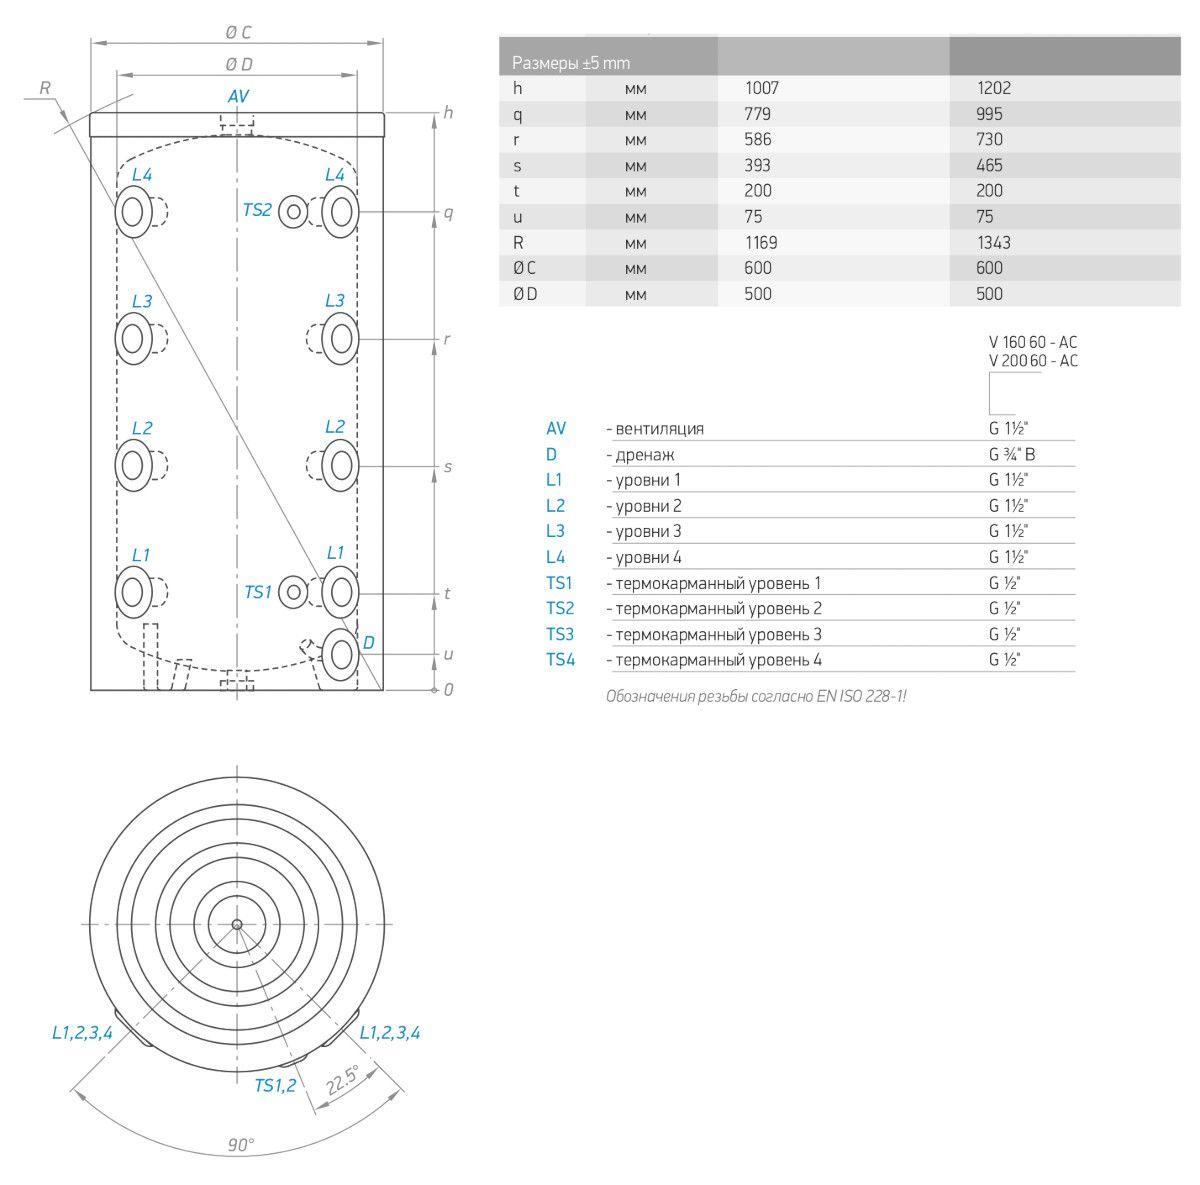 Габаритные размеры TESY V 160 60 AC